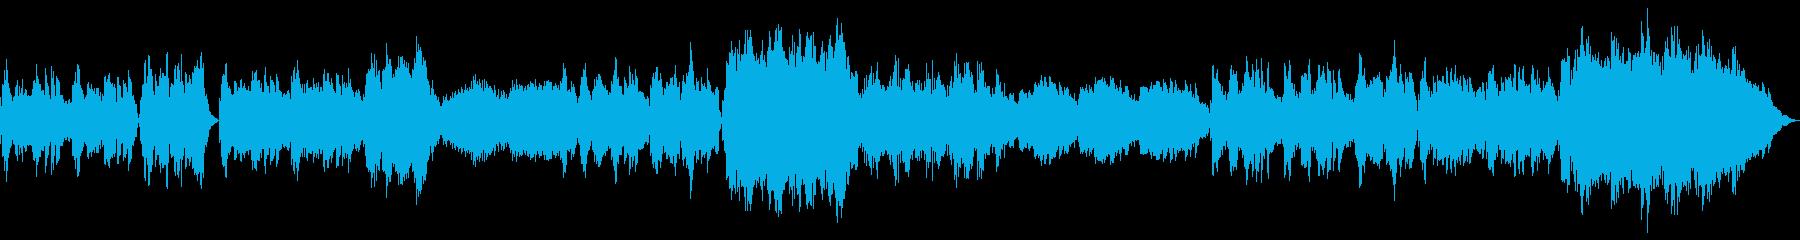 深い森 樹海の再生済みの波形